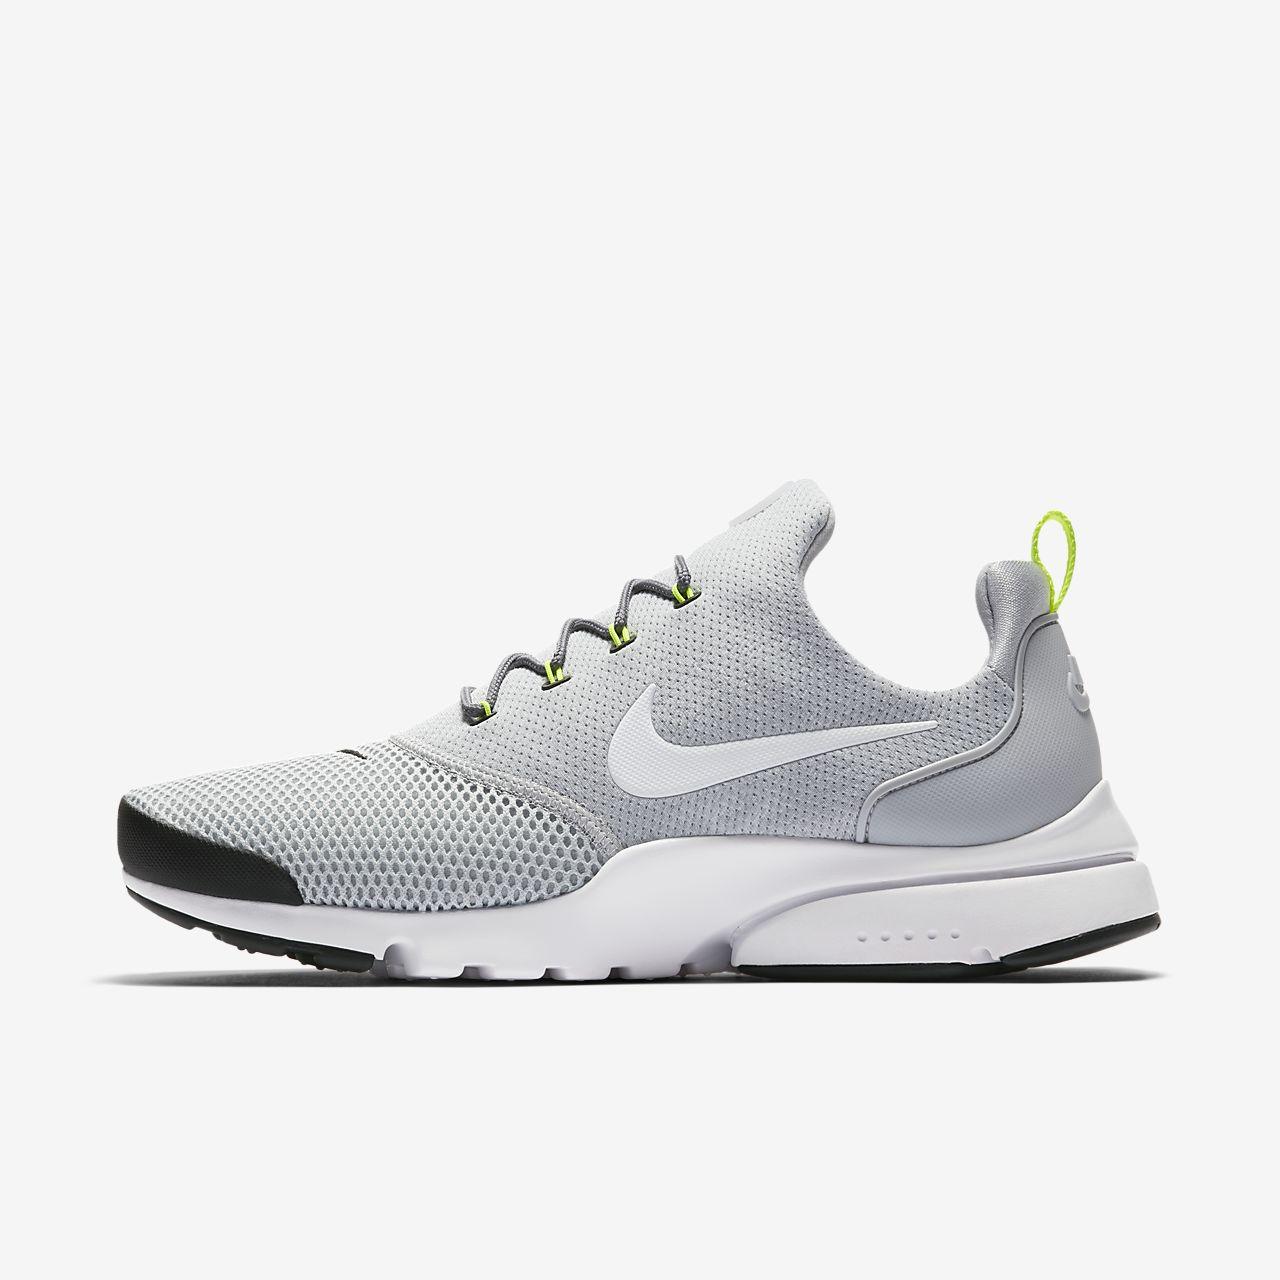 ... Pánská bota Nike Presto Fly